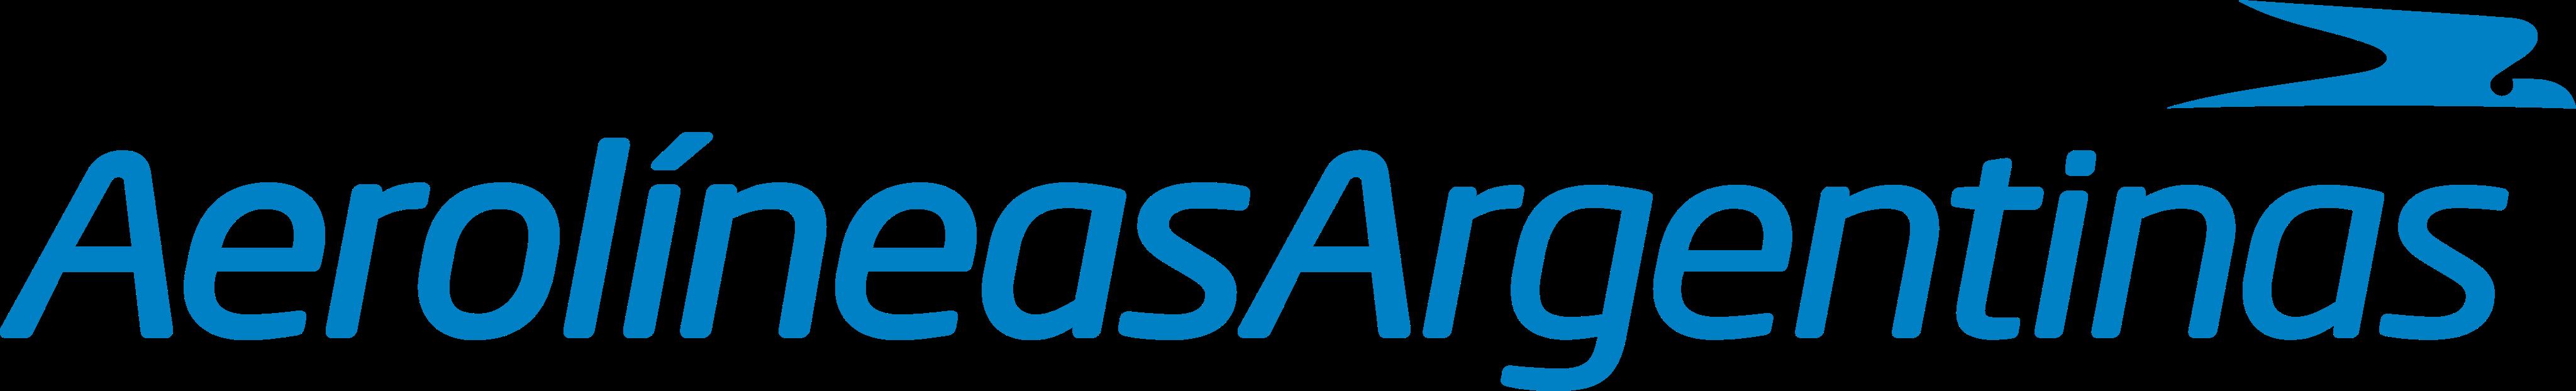 Aerolíneas Argentinas Logo.